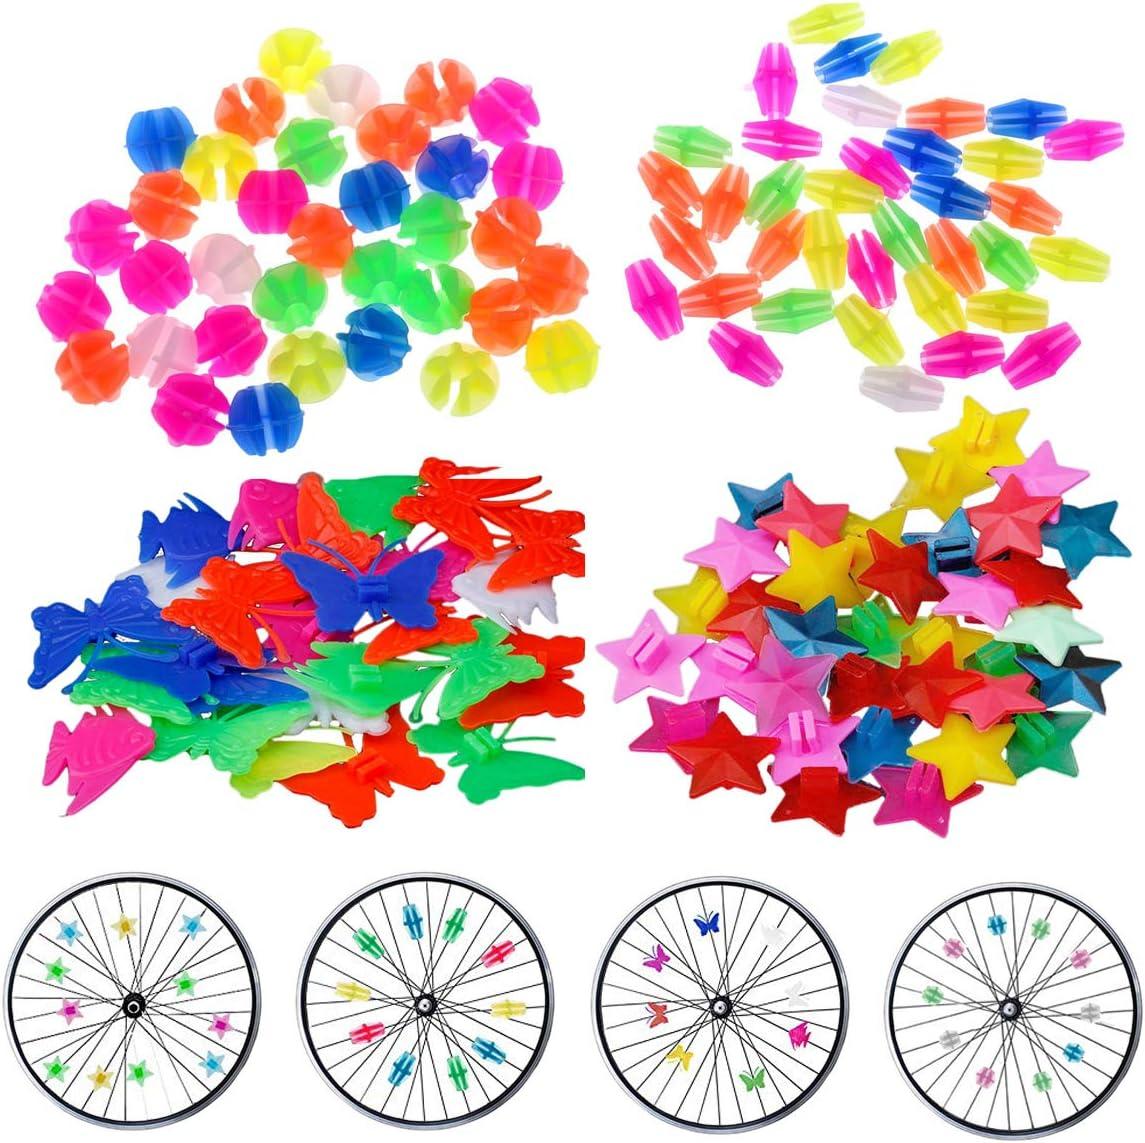 JAHEMU Bicicleta Decoración Perla Cuenta de Rueda de Bicicleta Bici Clip Bicycle spoke Beads Accesorio de Bicicleta para Infantil 133 Piezas